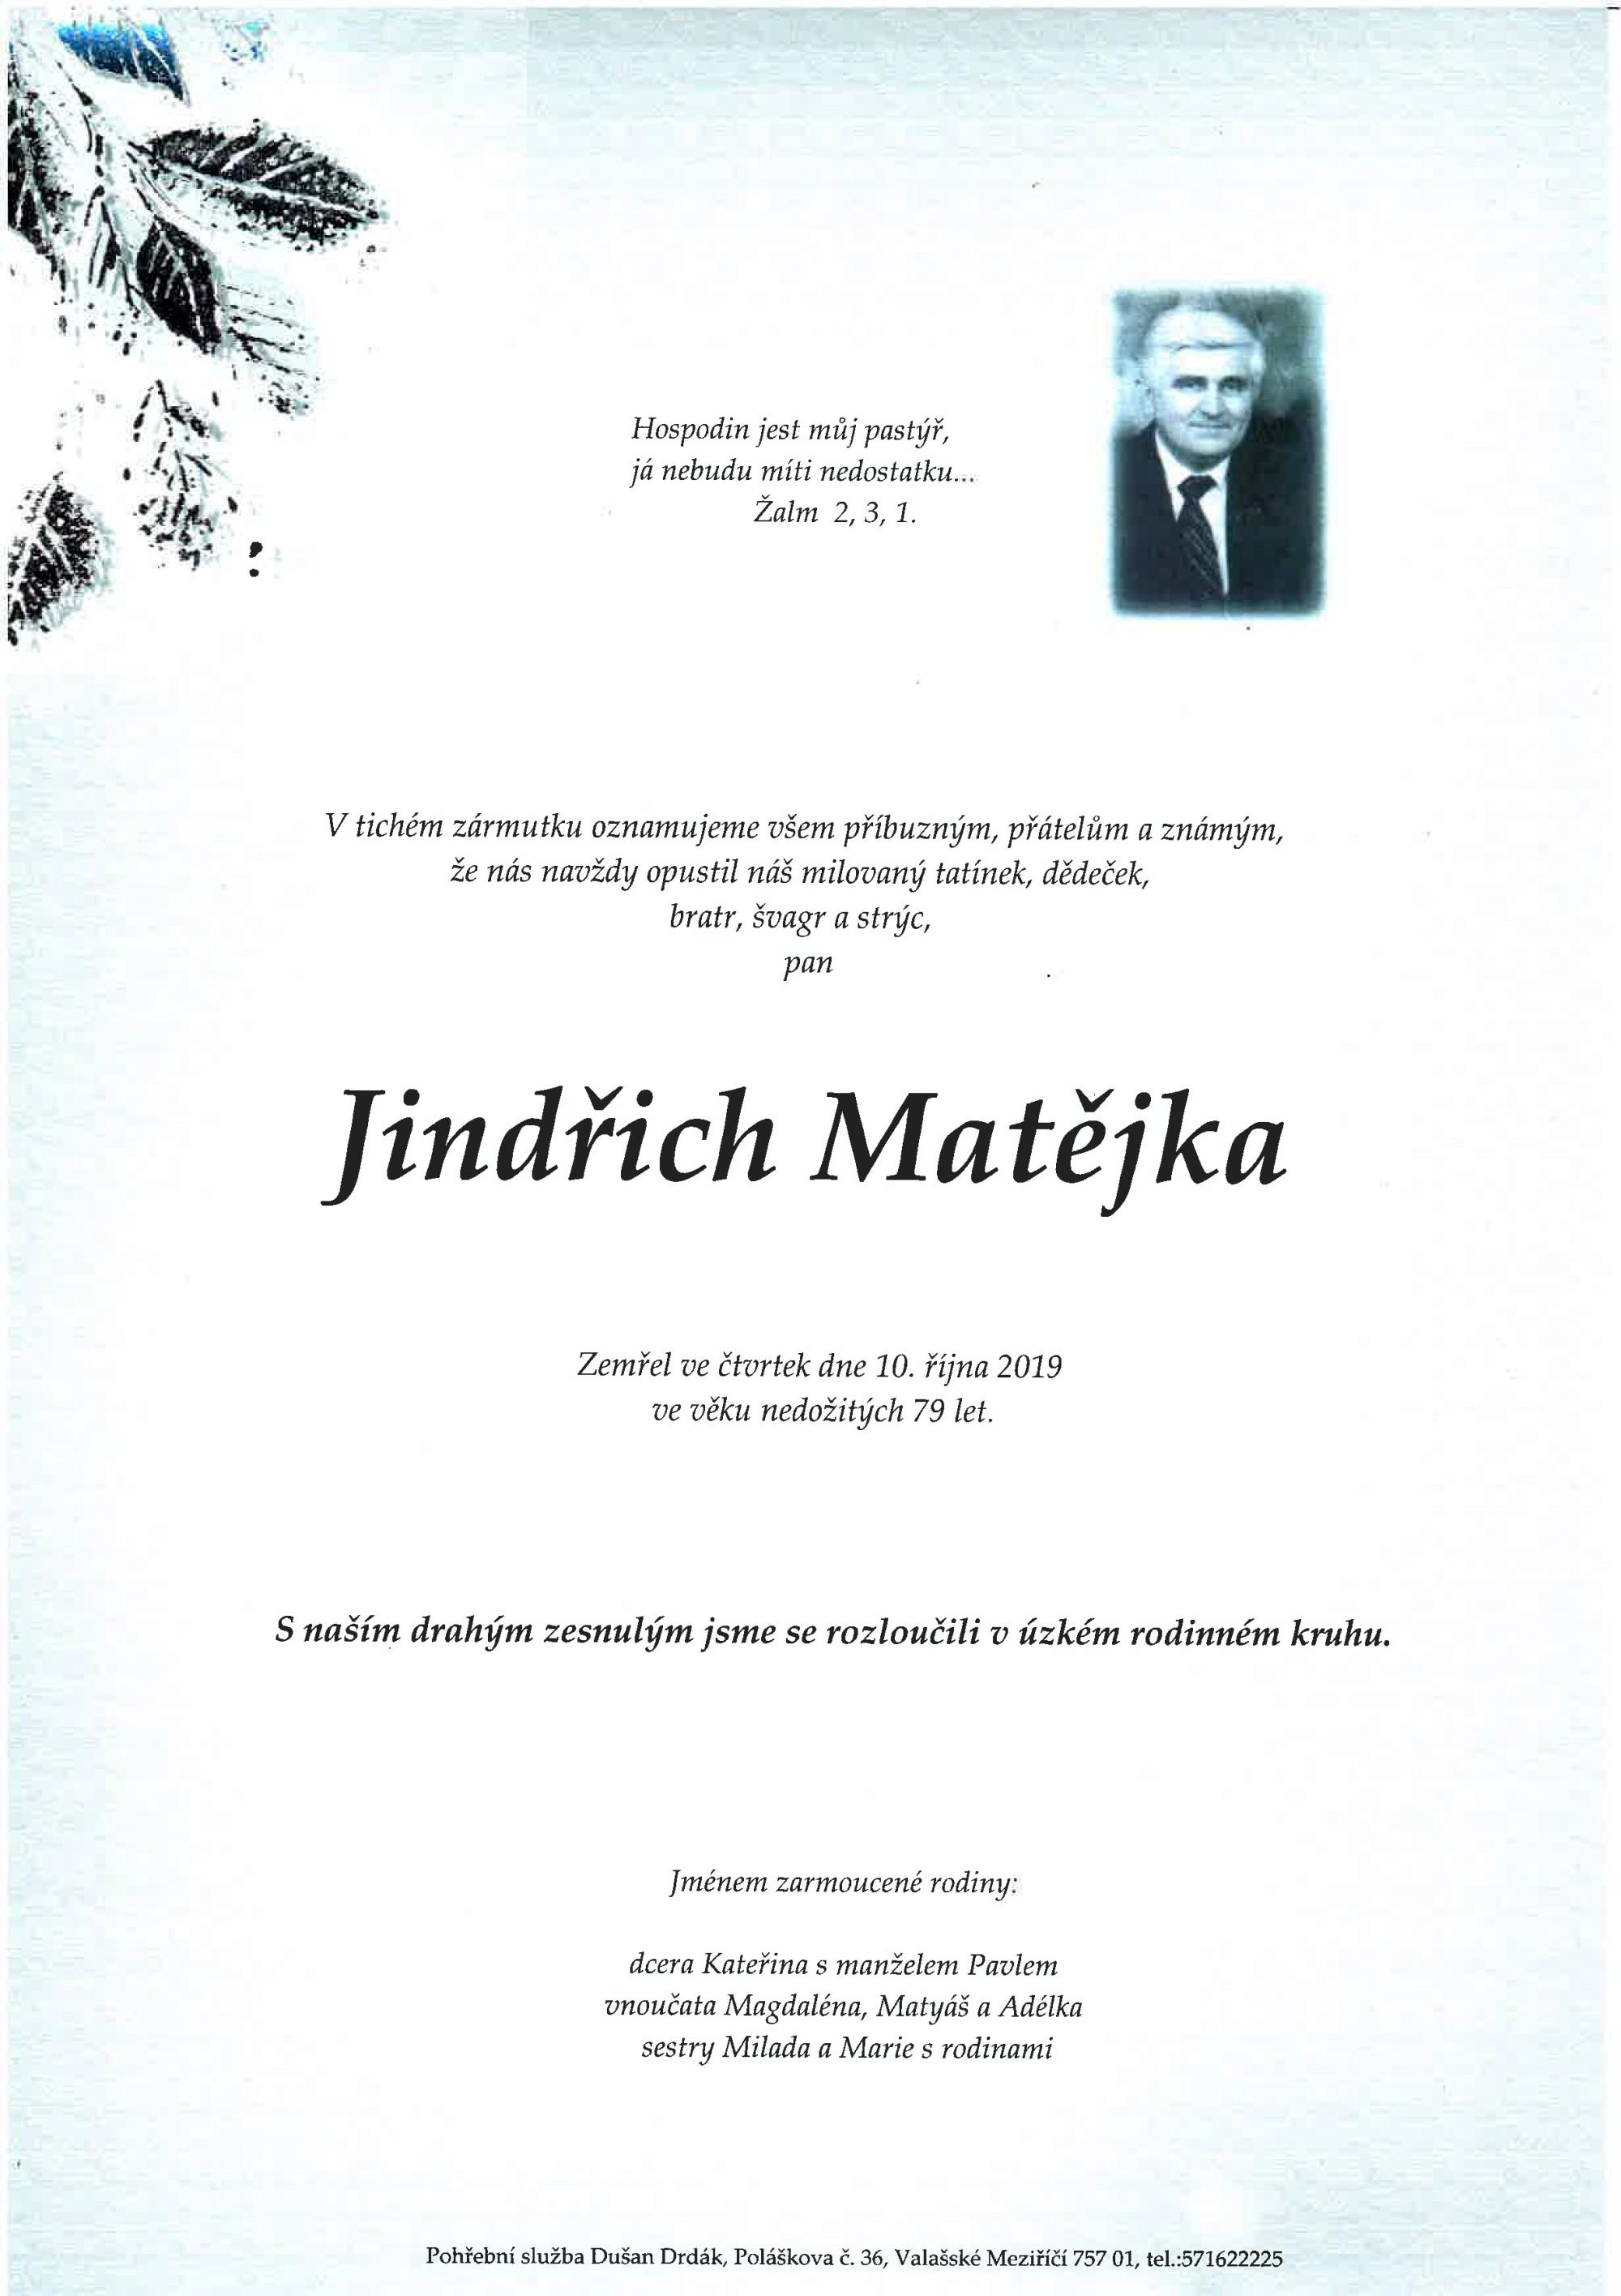 Jindřich Matějka